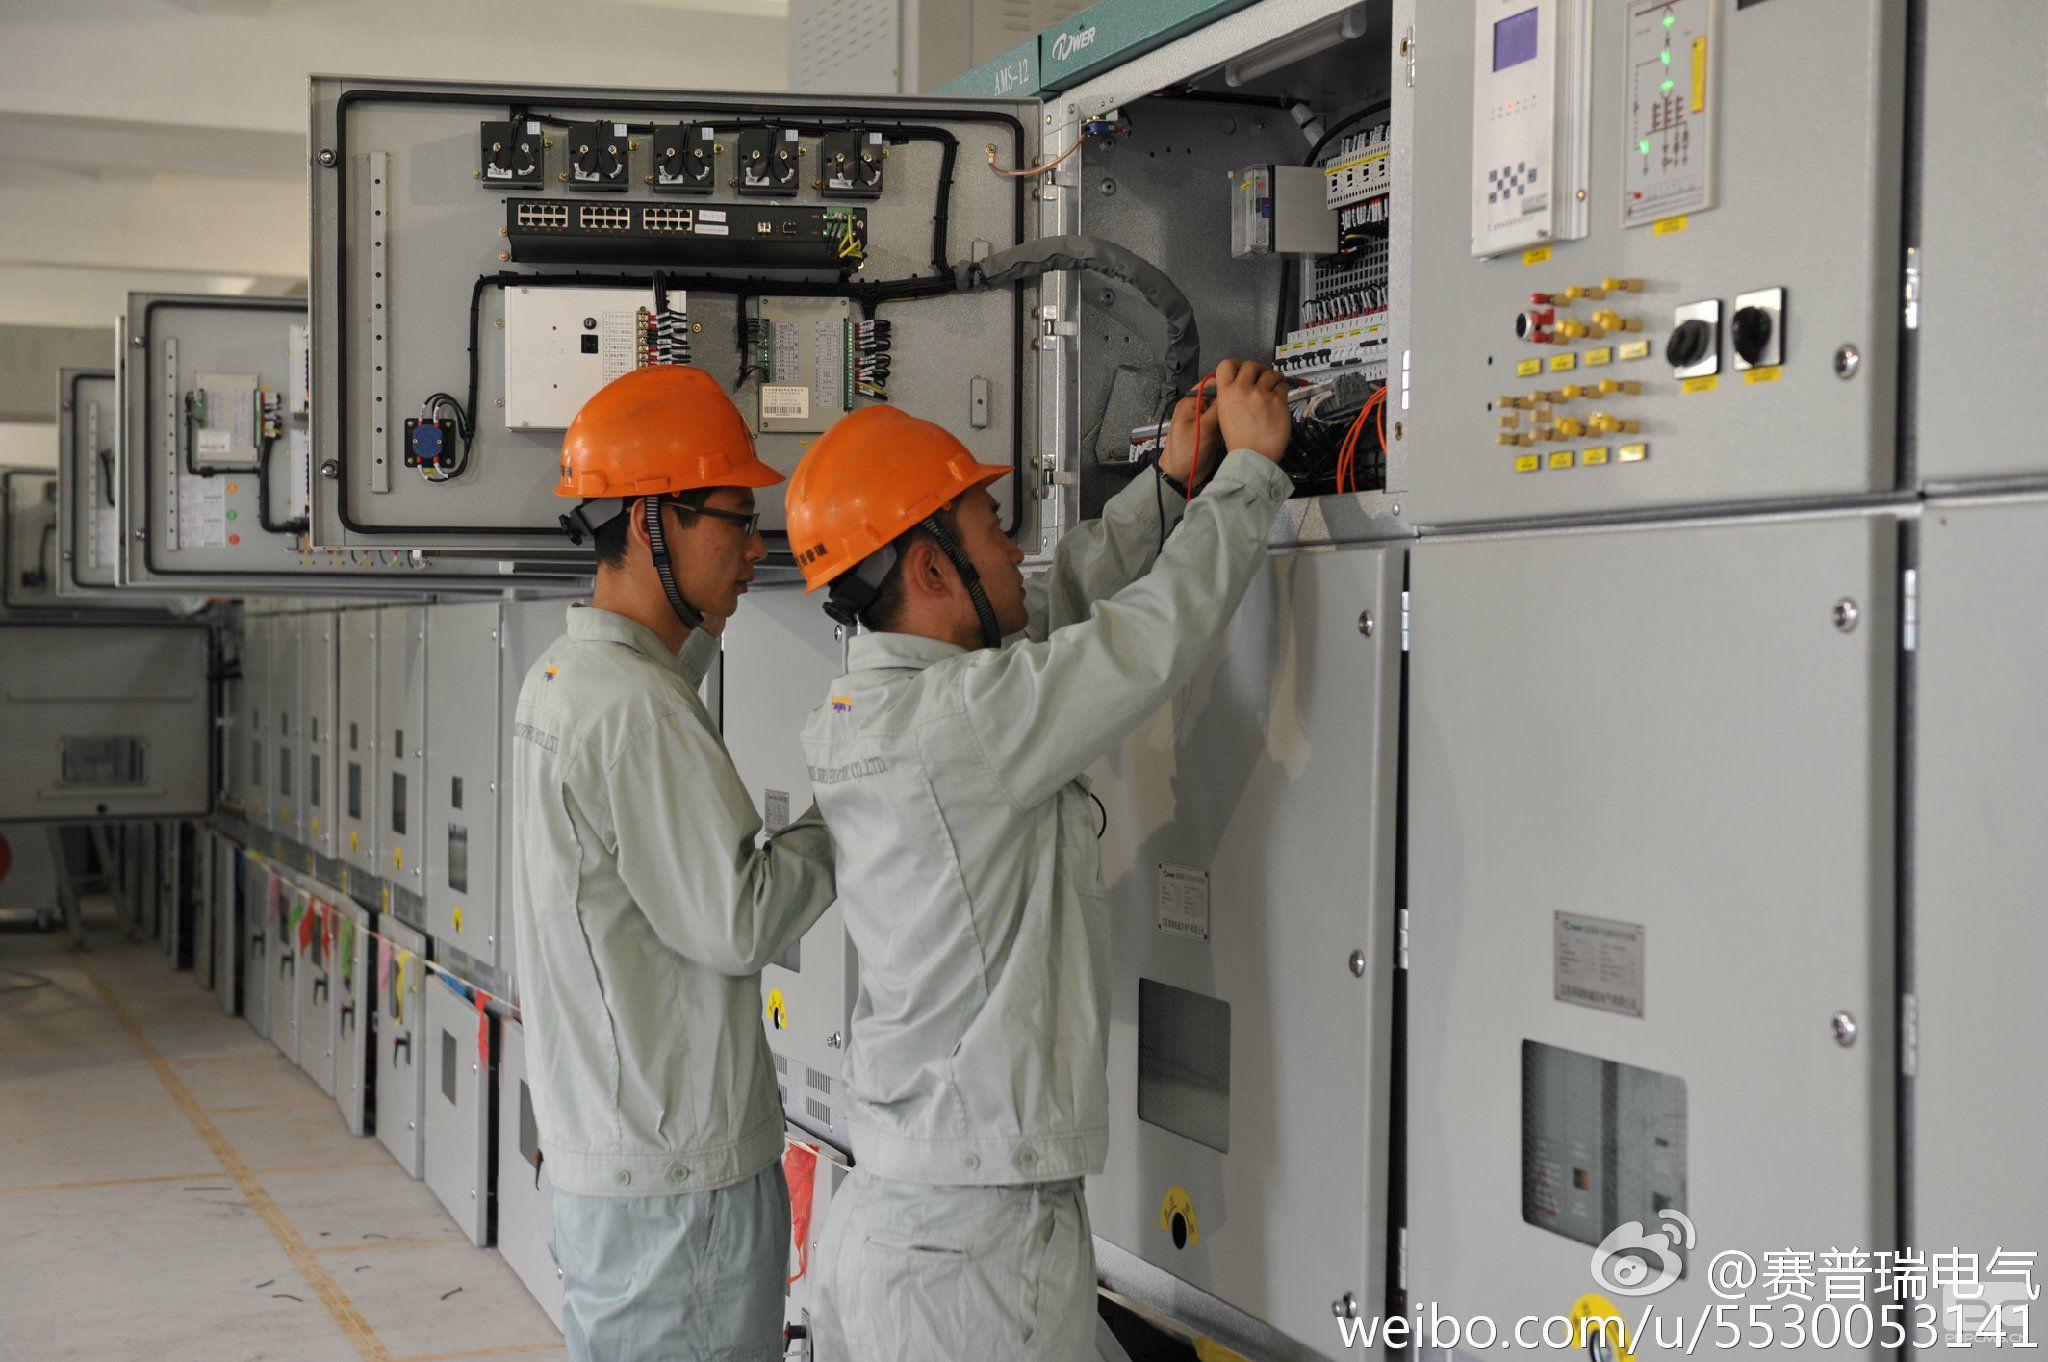 配电箱要安装漏电保护器